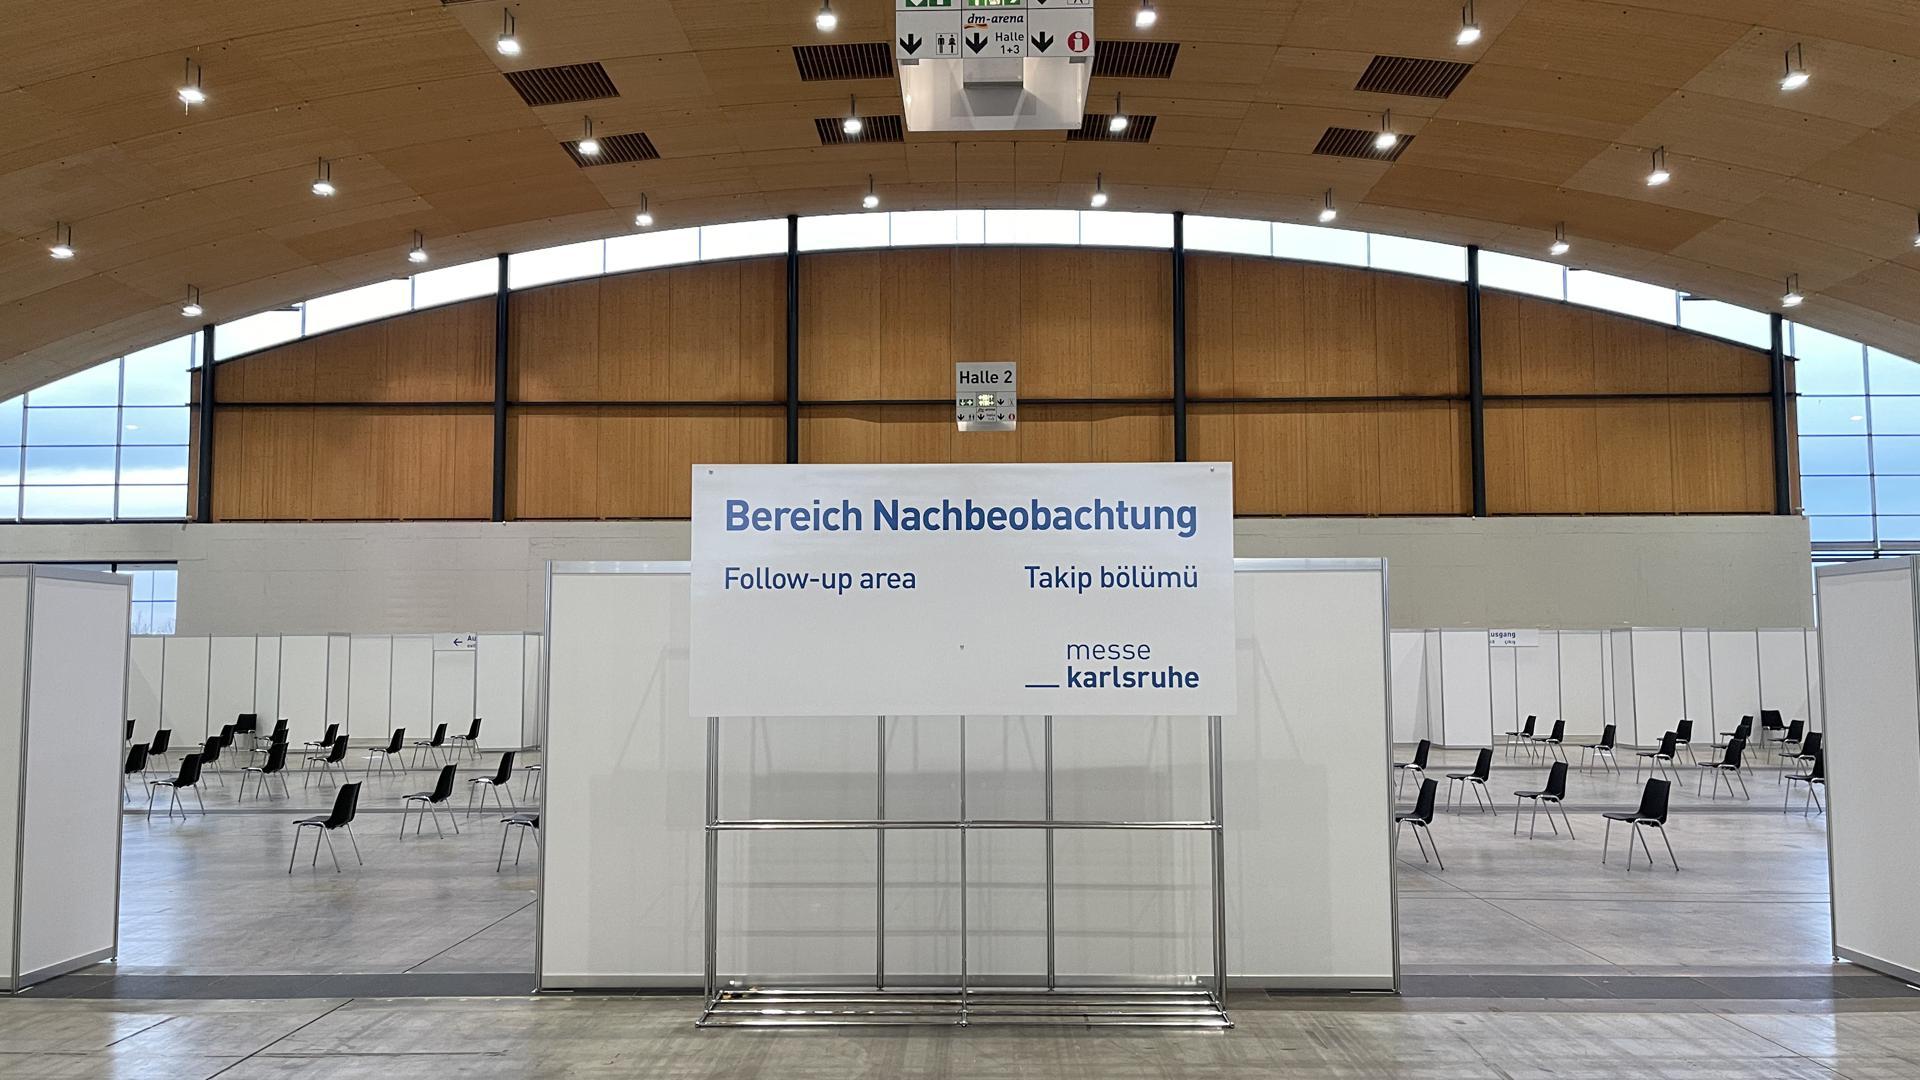 Bereich Nachbeobachtung Impfzentrum Messe Karlsruhe